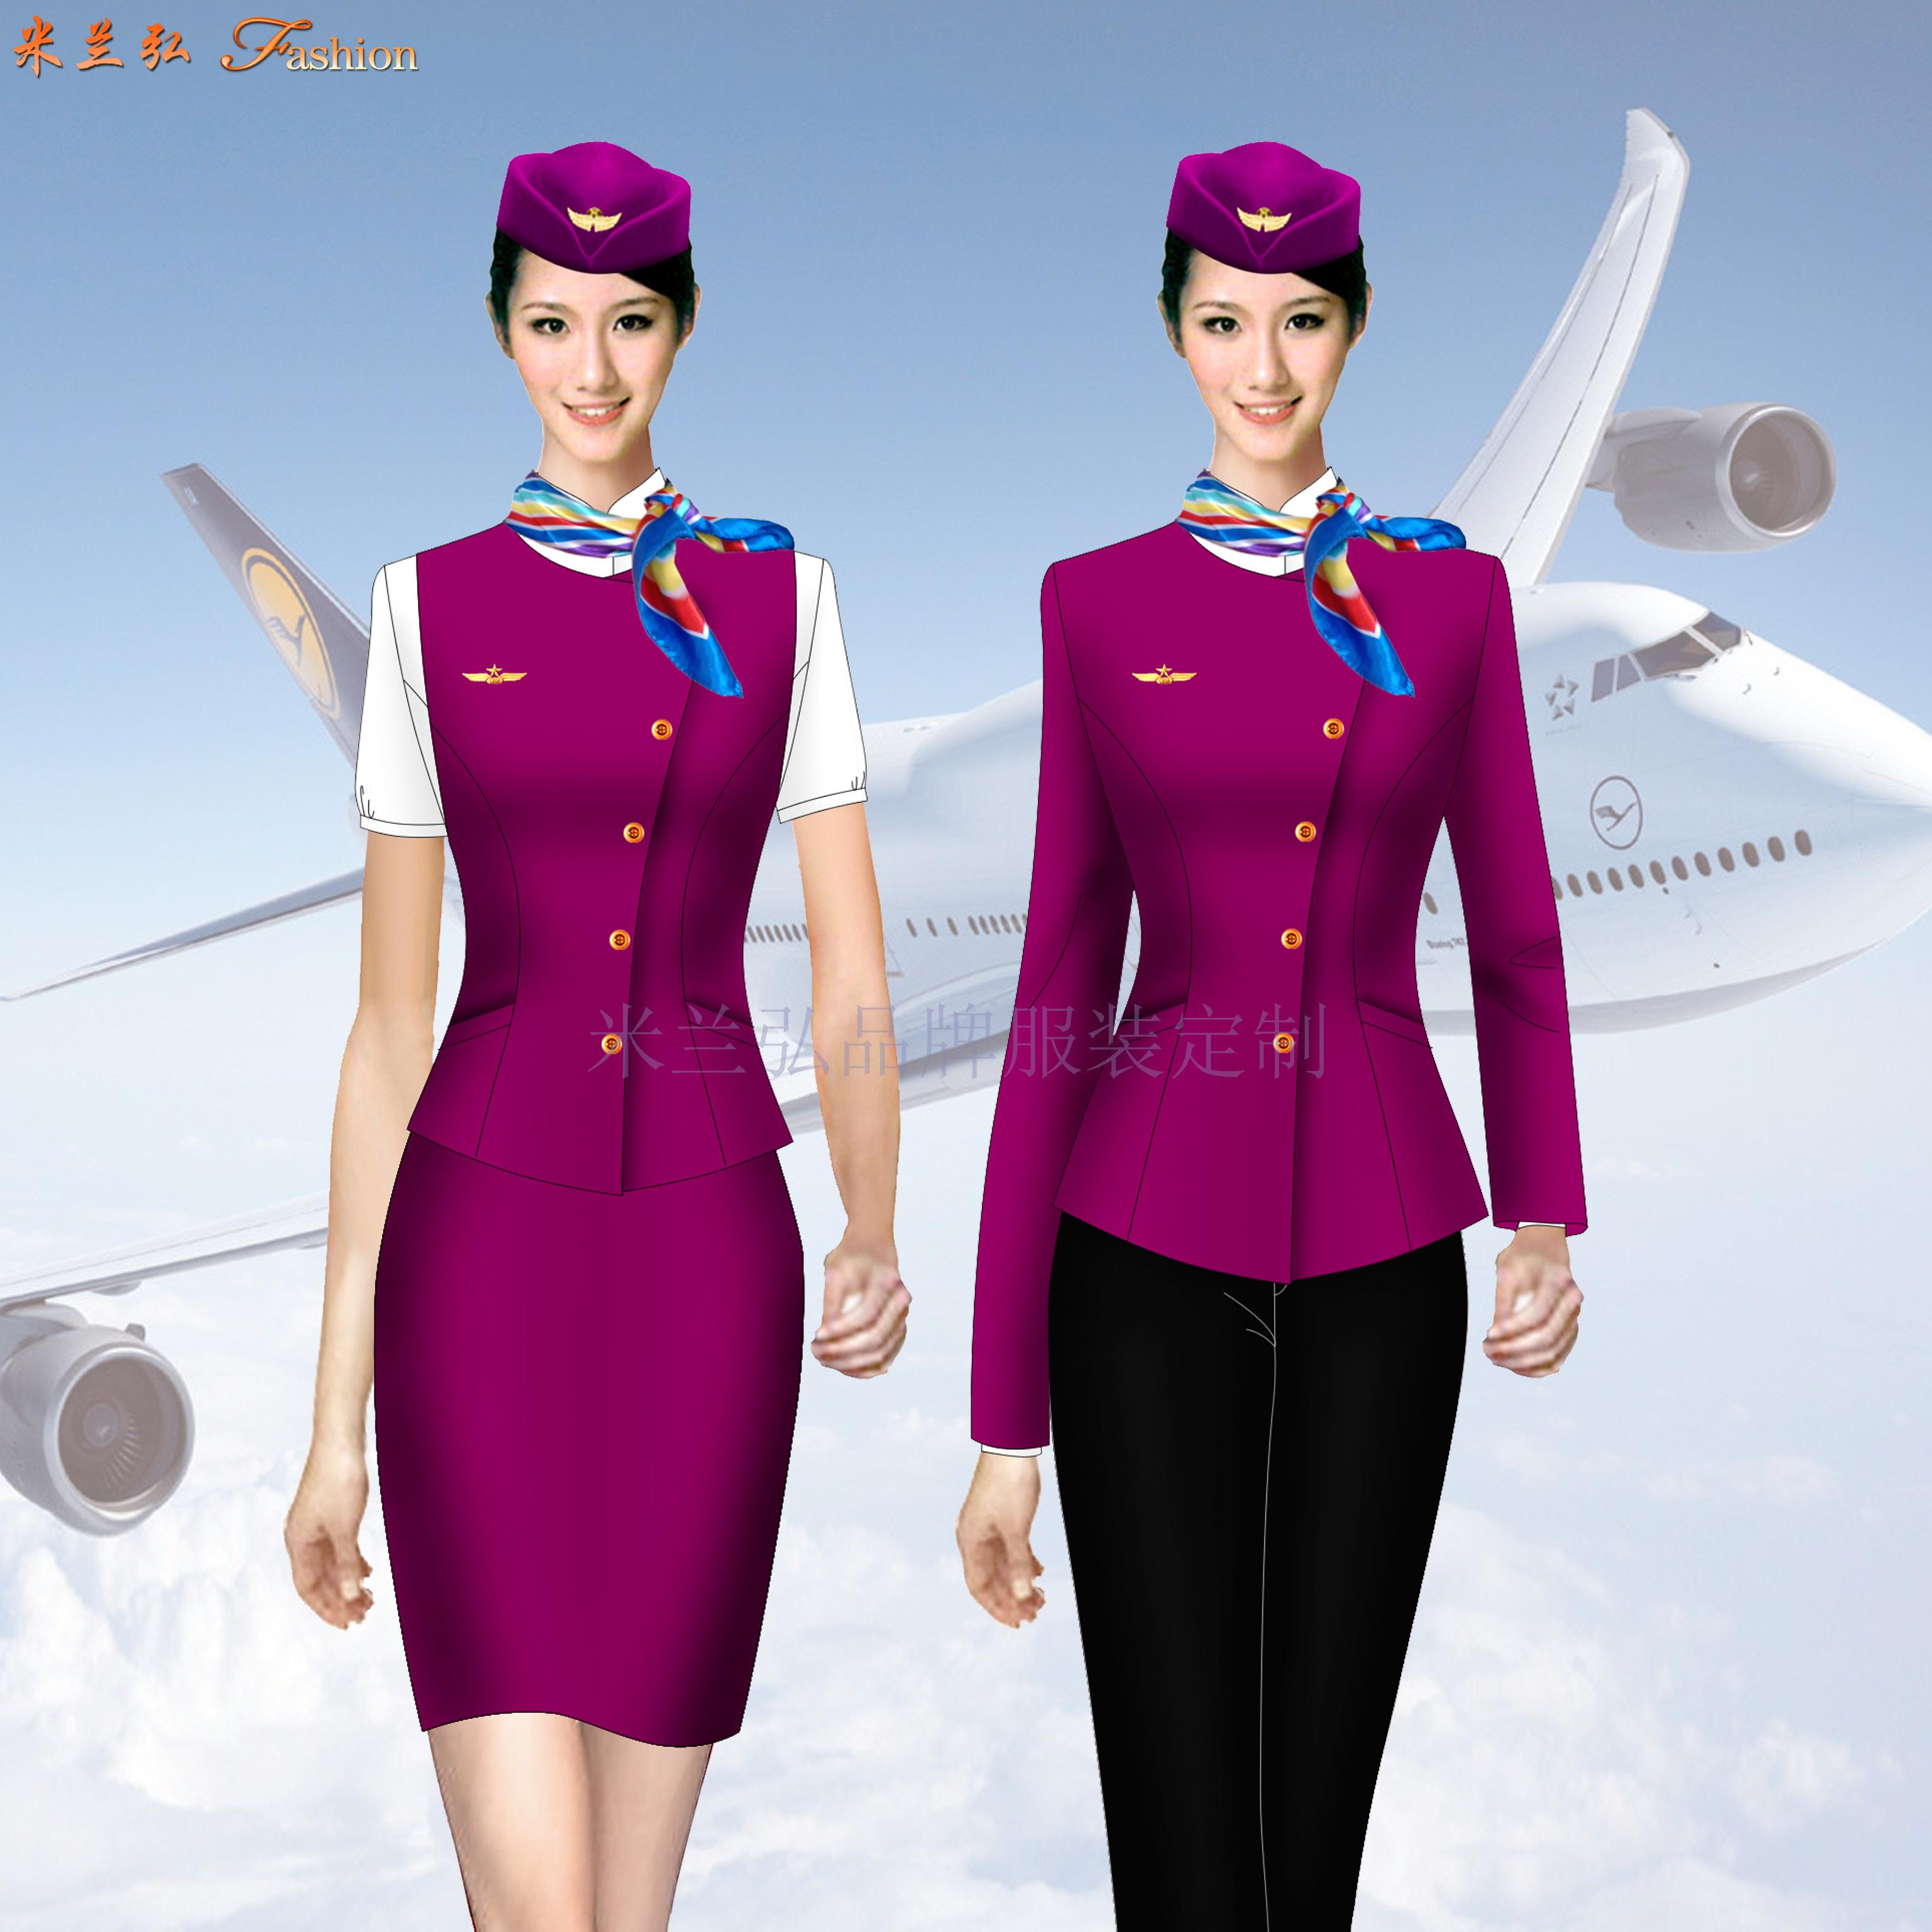 「河北空姐服」滄州市量體定做航空公司空姐服-米蘭弘服裝-5